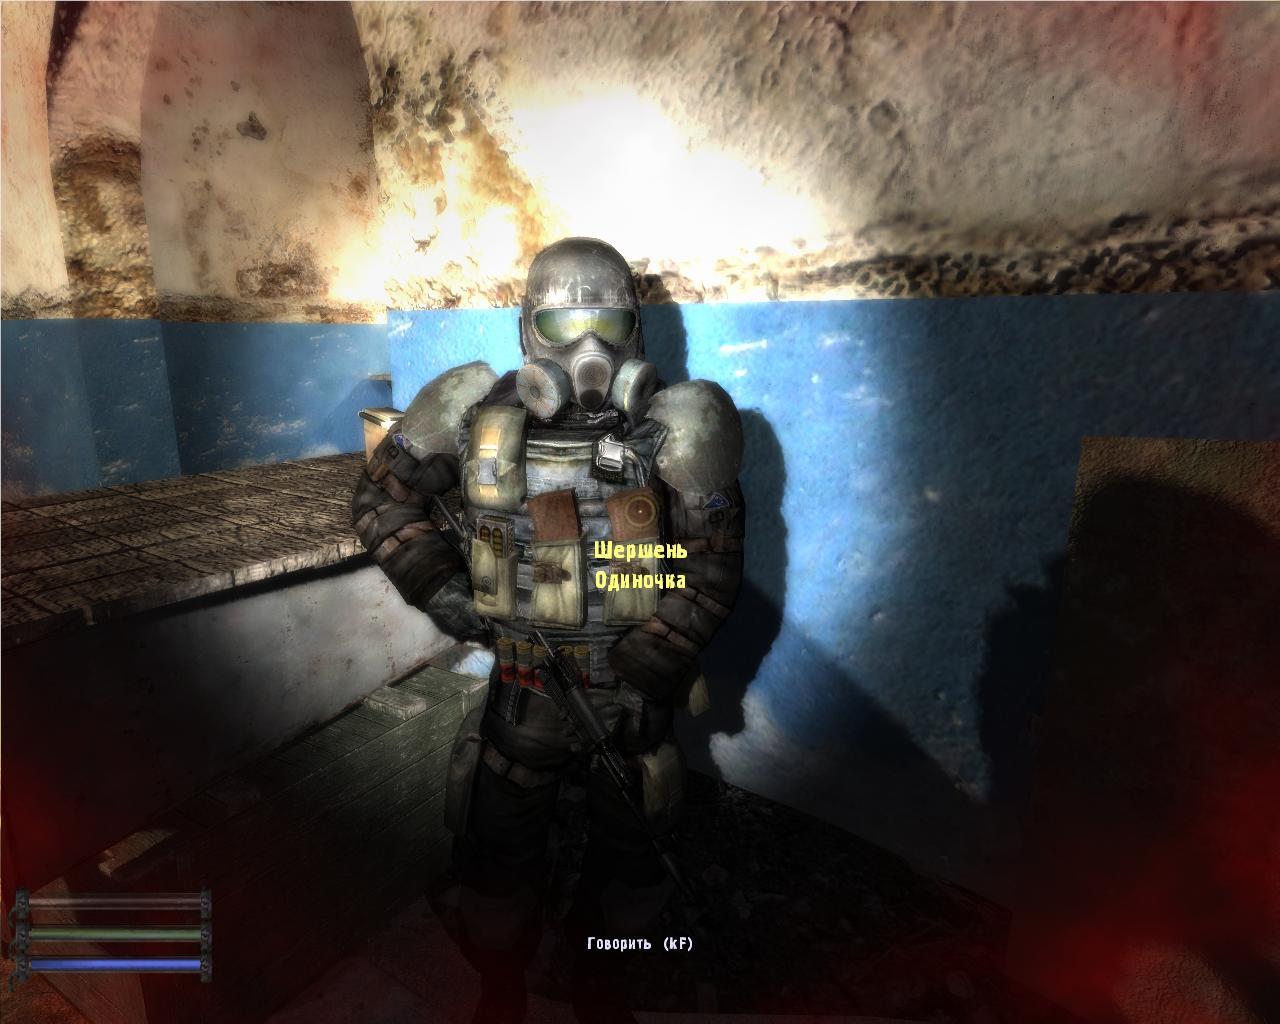 Lost world troops of doom - страница 2 - форум - stalker мир - скачать